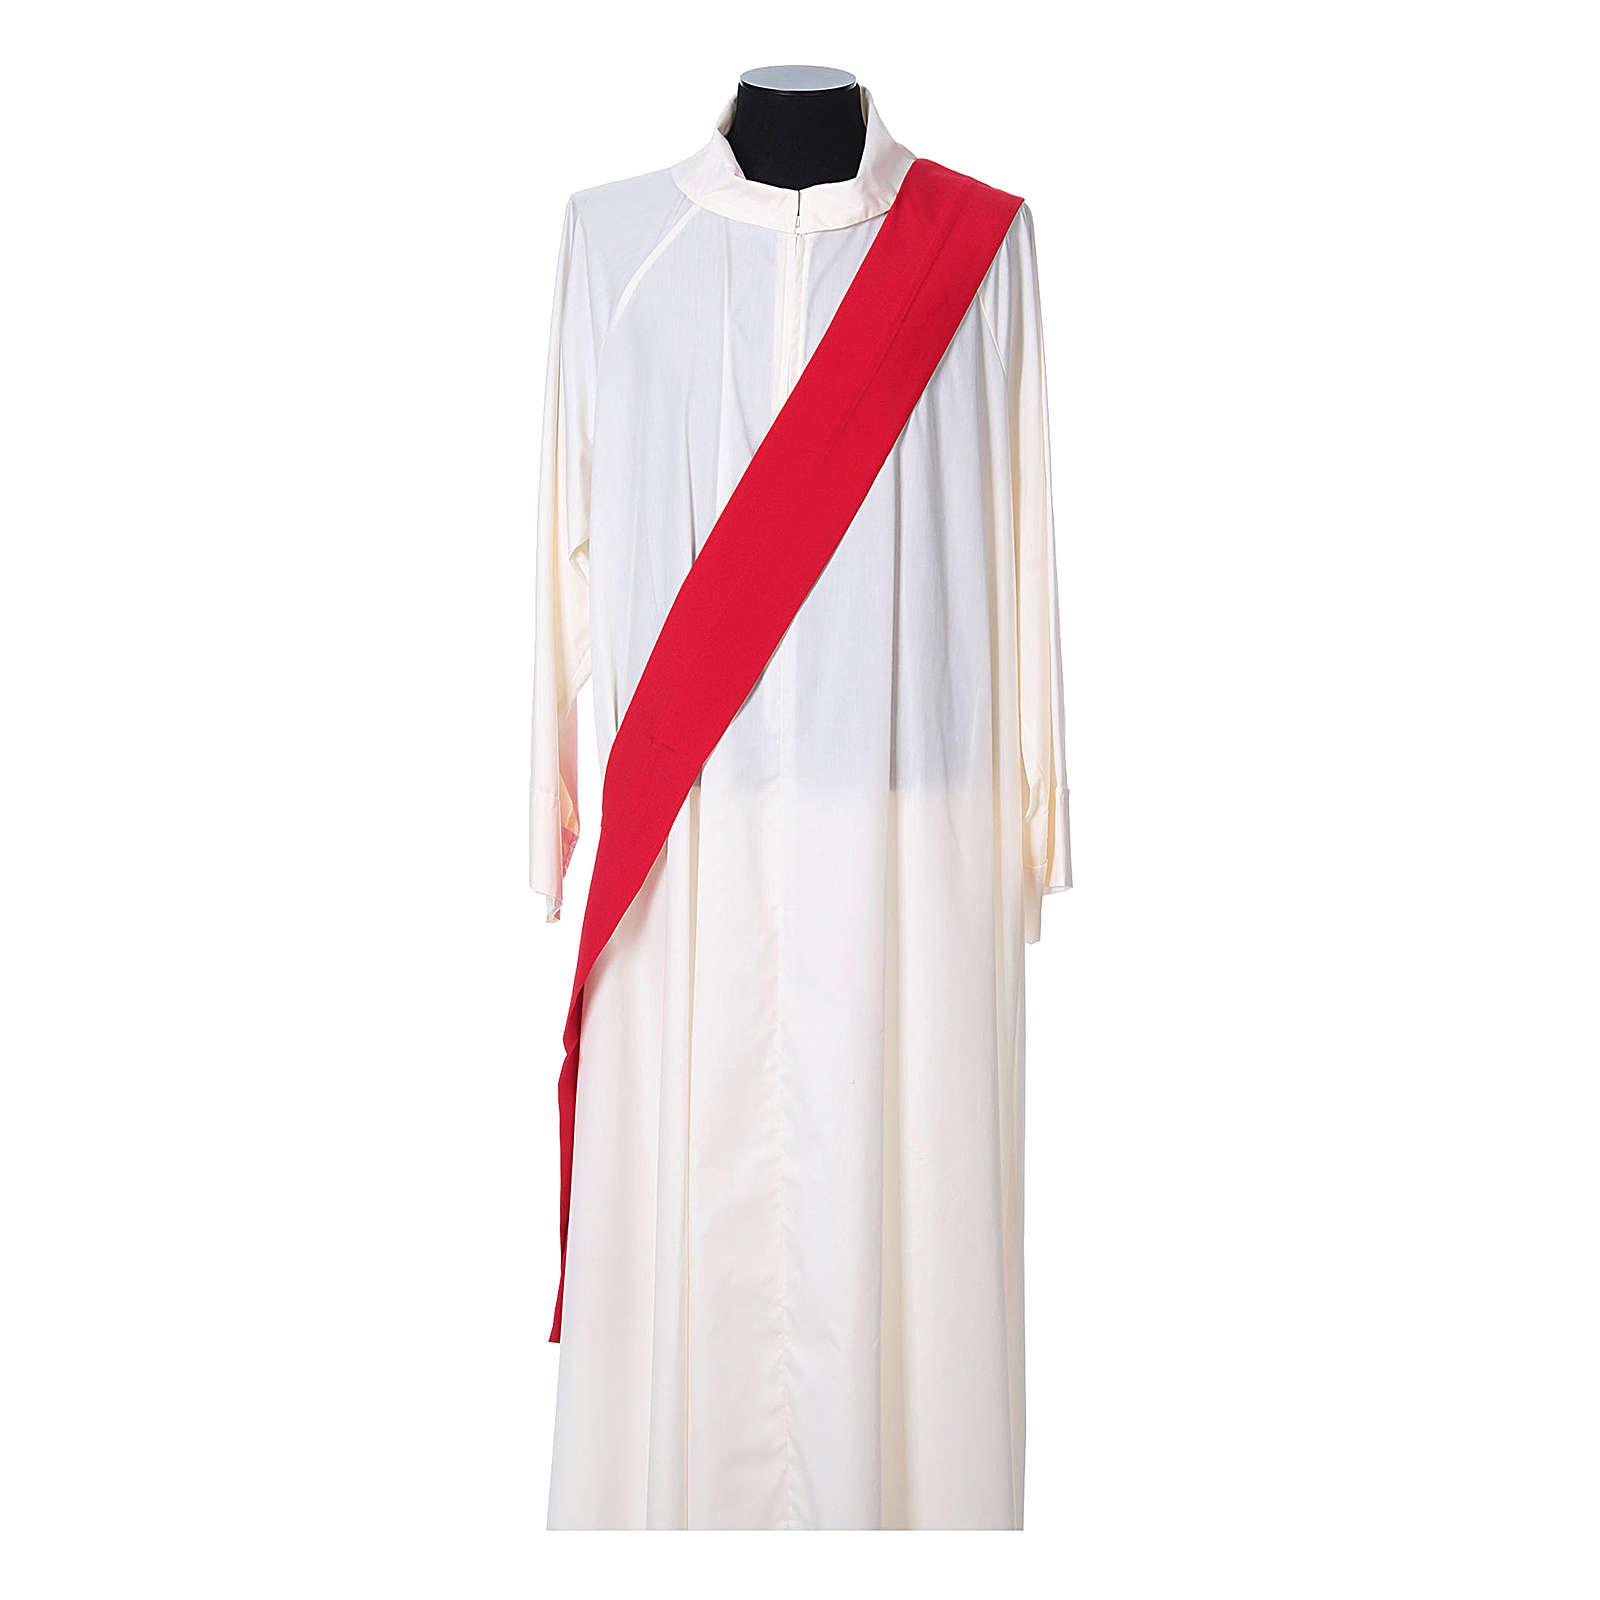 Dalmatica tessuto ultraleggero Vatican ricamo croce decoro fronte retro 4